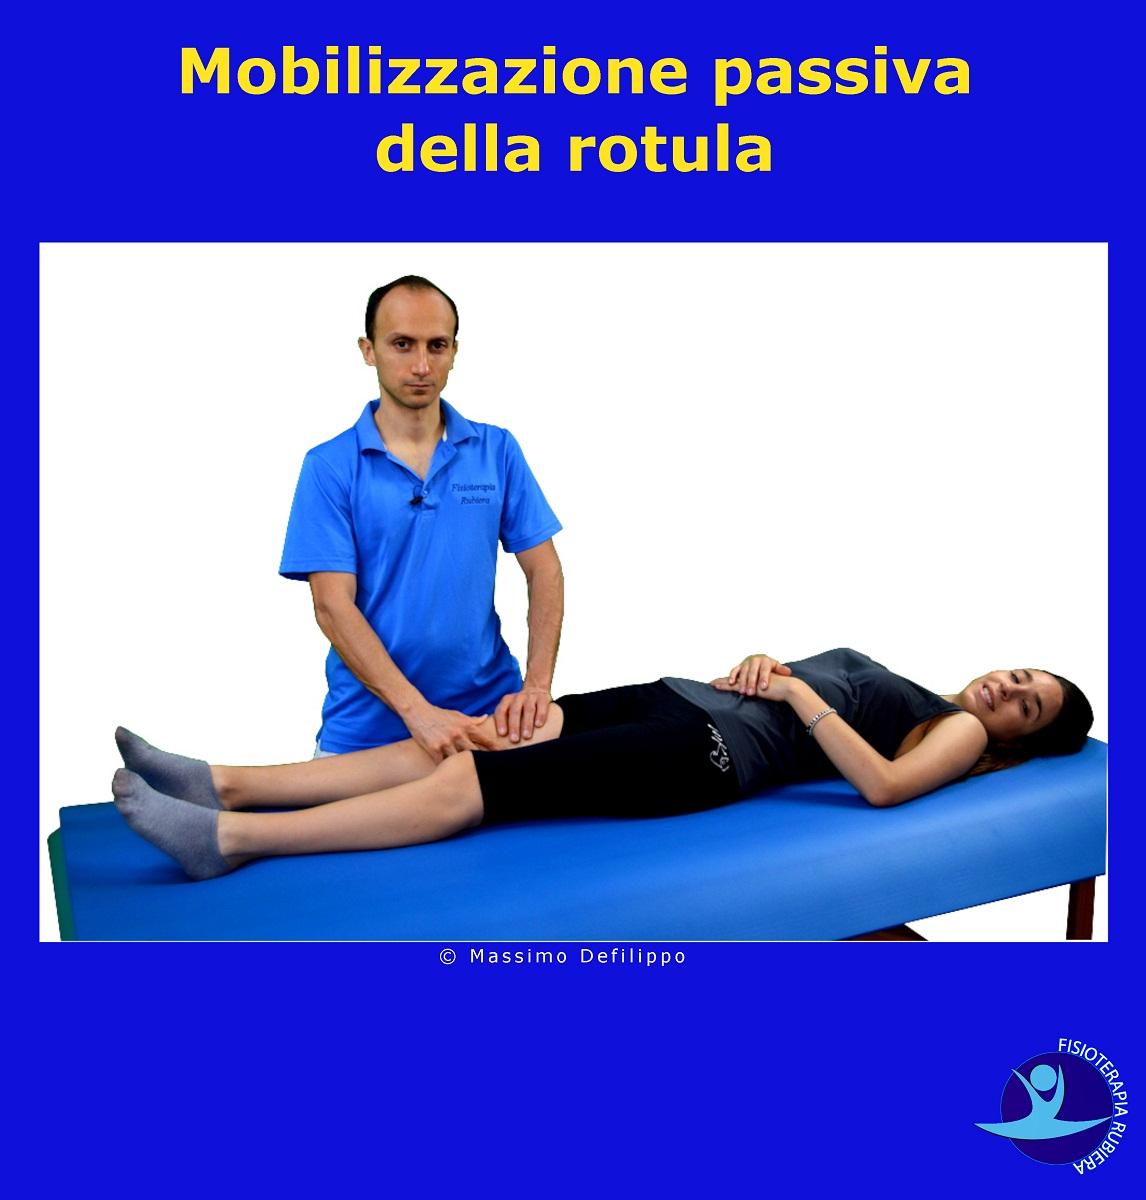 mobilizzazione passiva della rotula